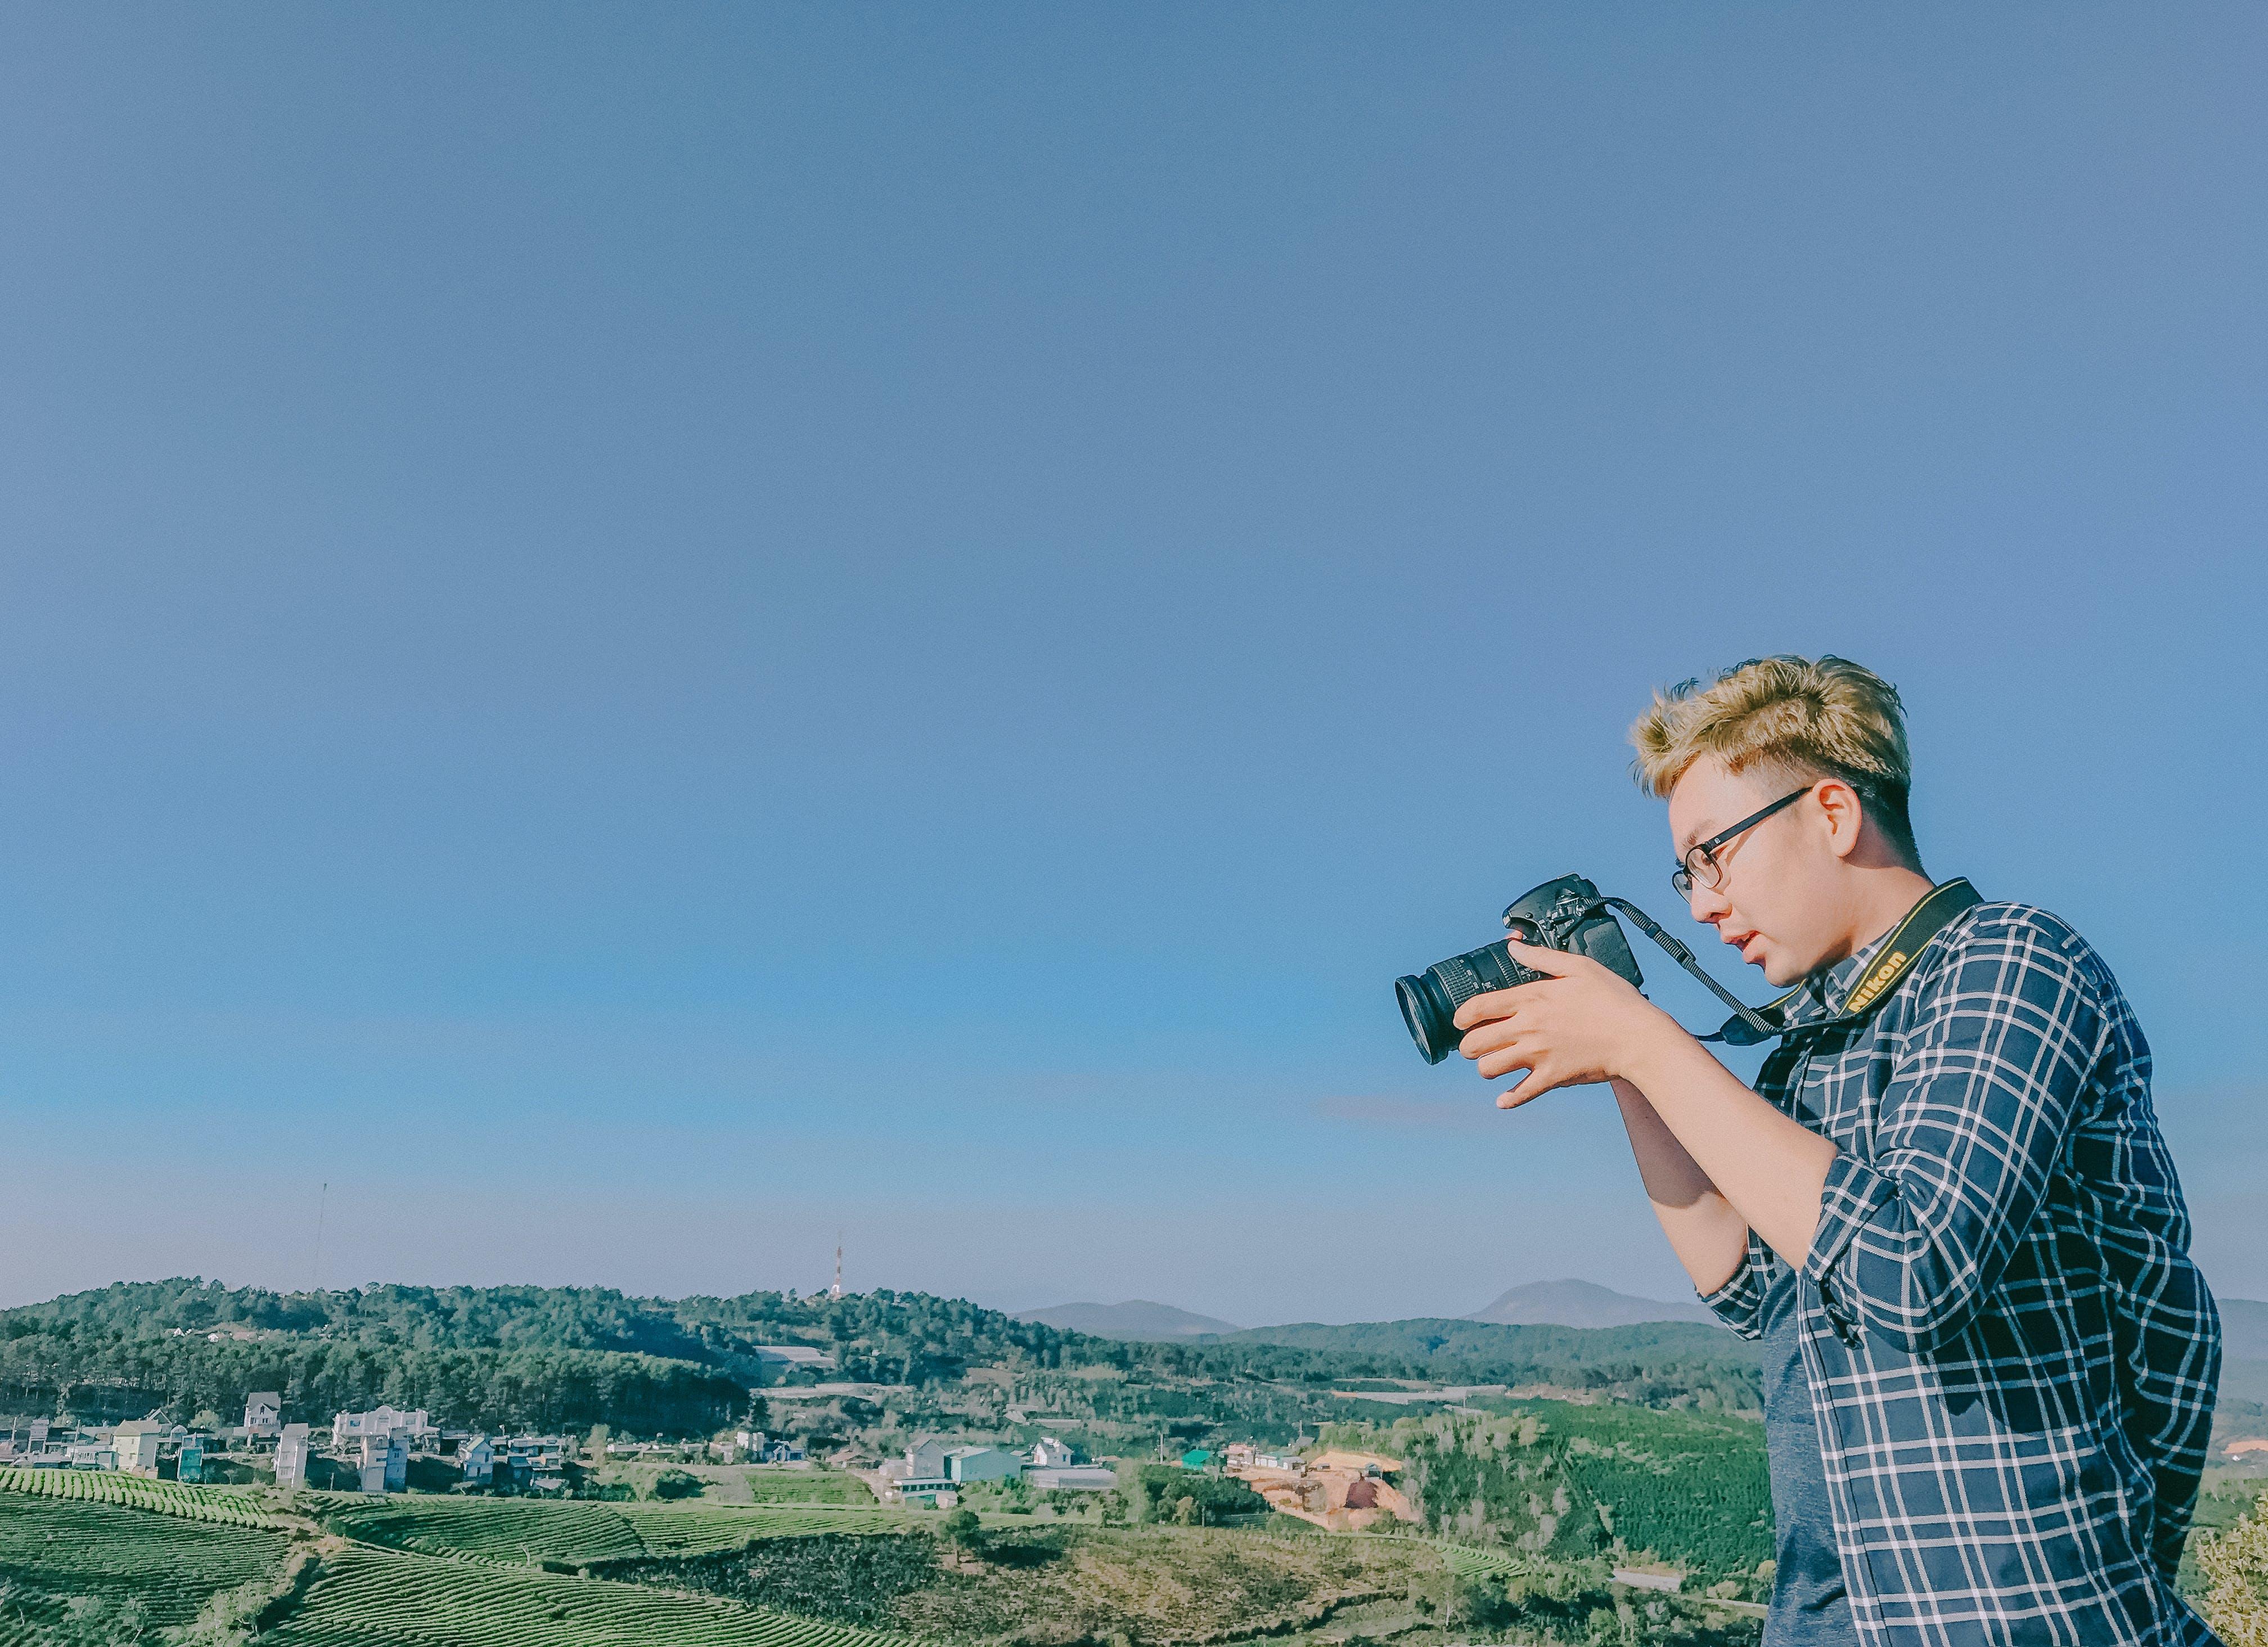 Man Uses Nikon Dslr Camera